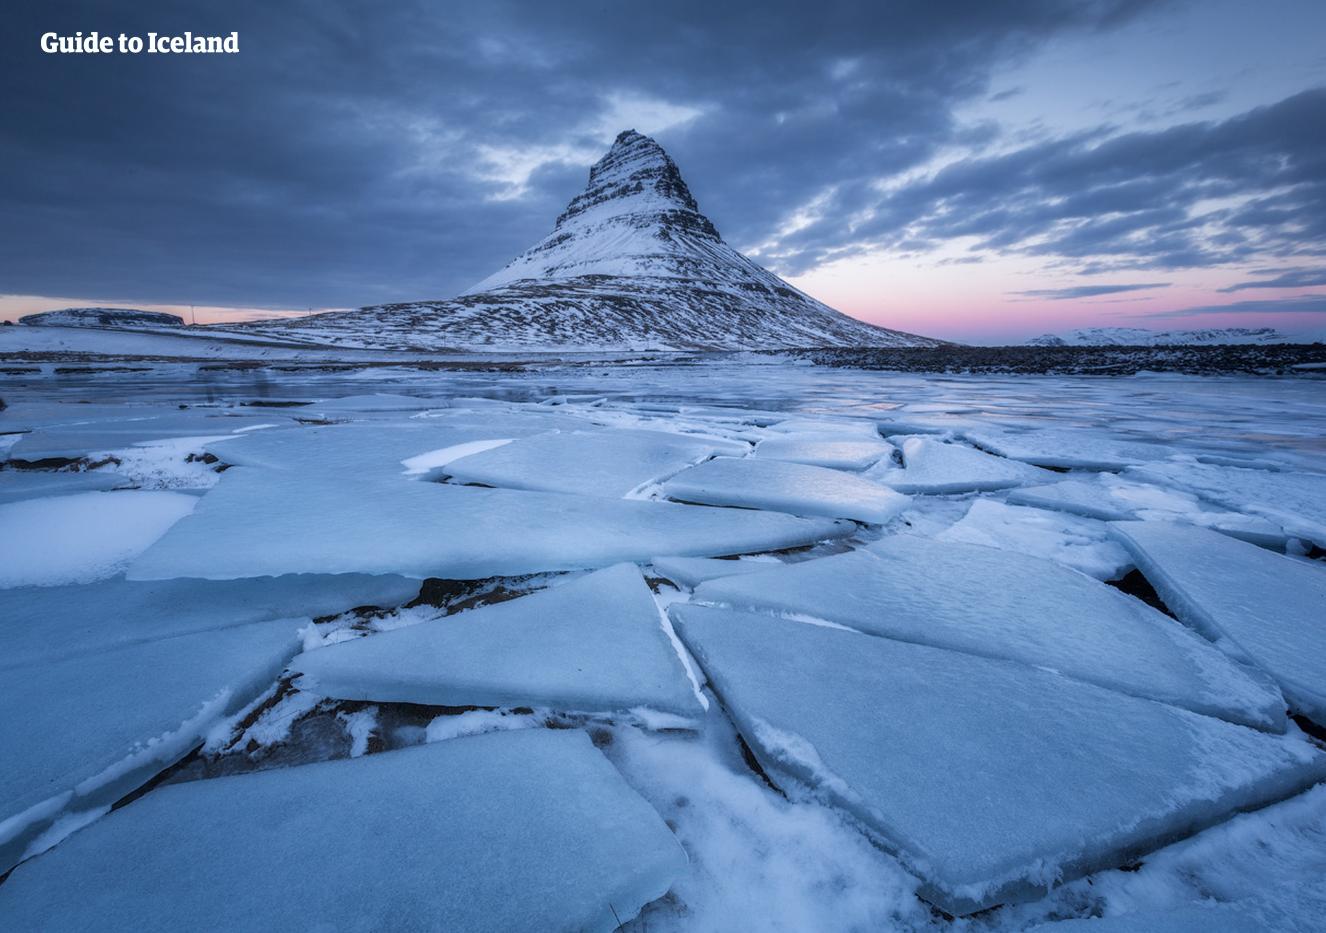 Mroźne krajobrazy półwyspu Snæfellsnes otaczają górę Kirkjufell.